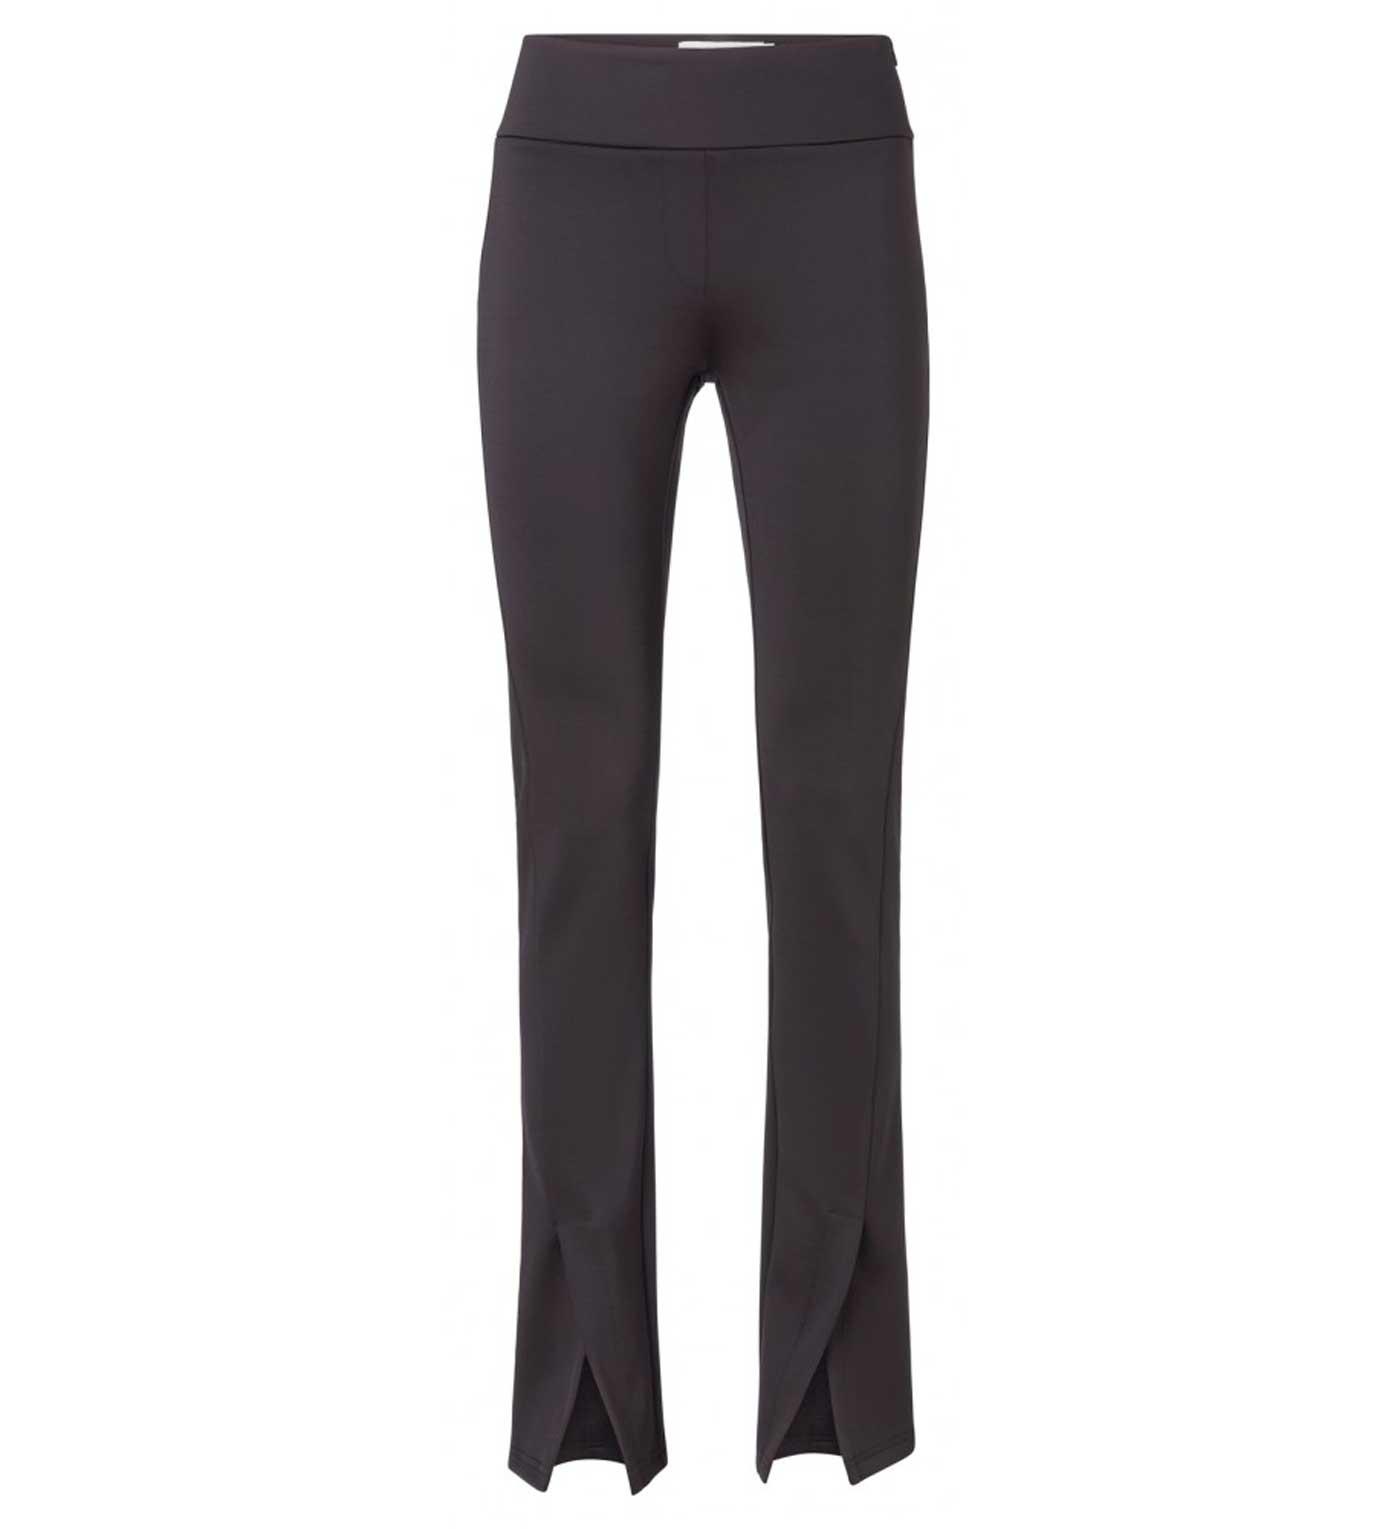 Zwarte dames broek met splitjes YAYA - 126002-824